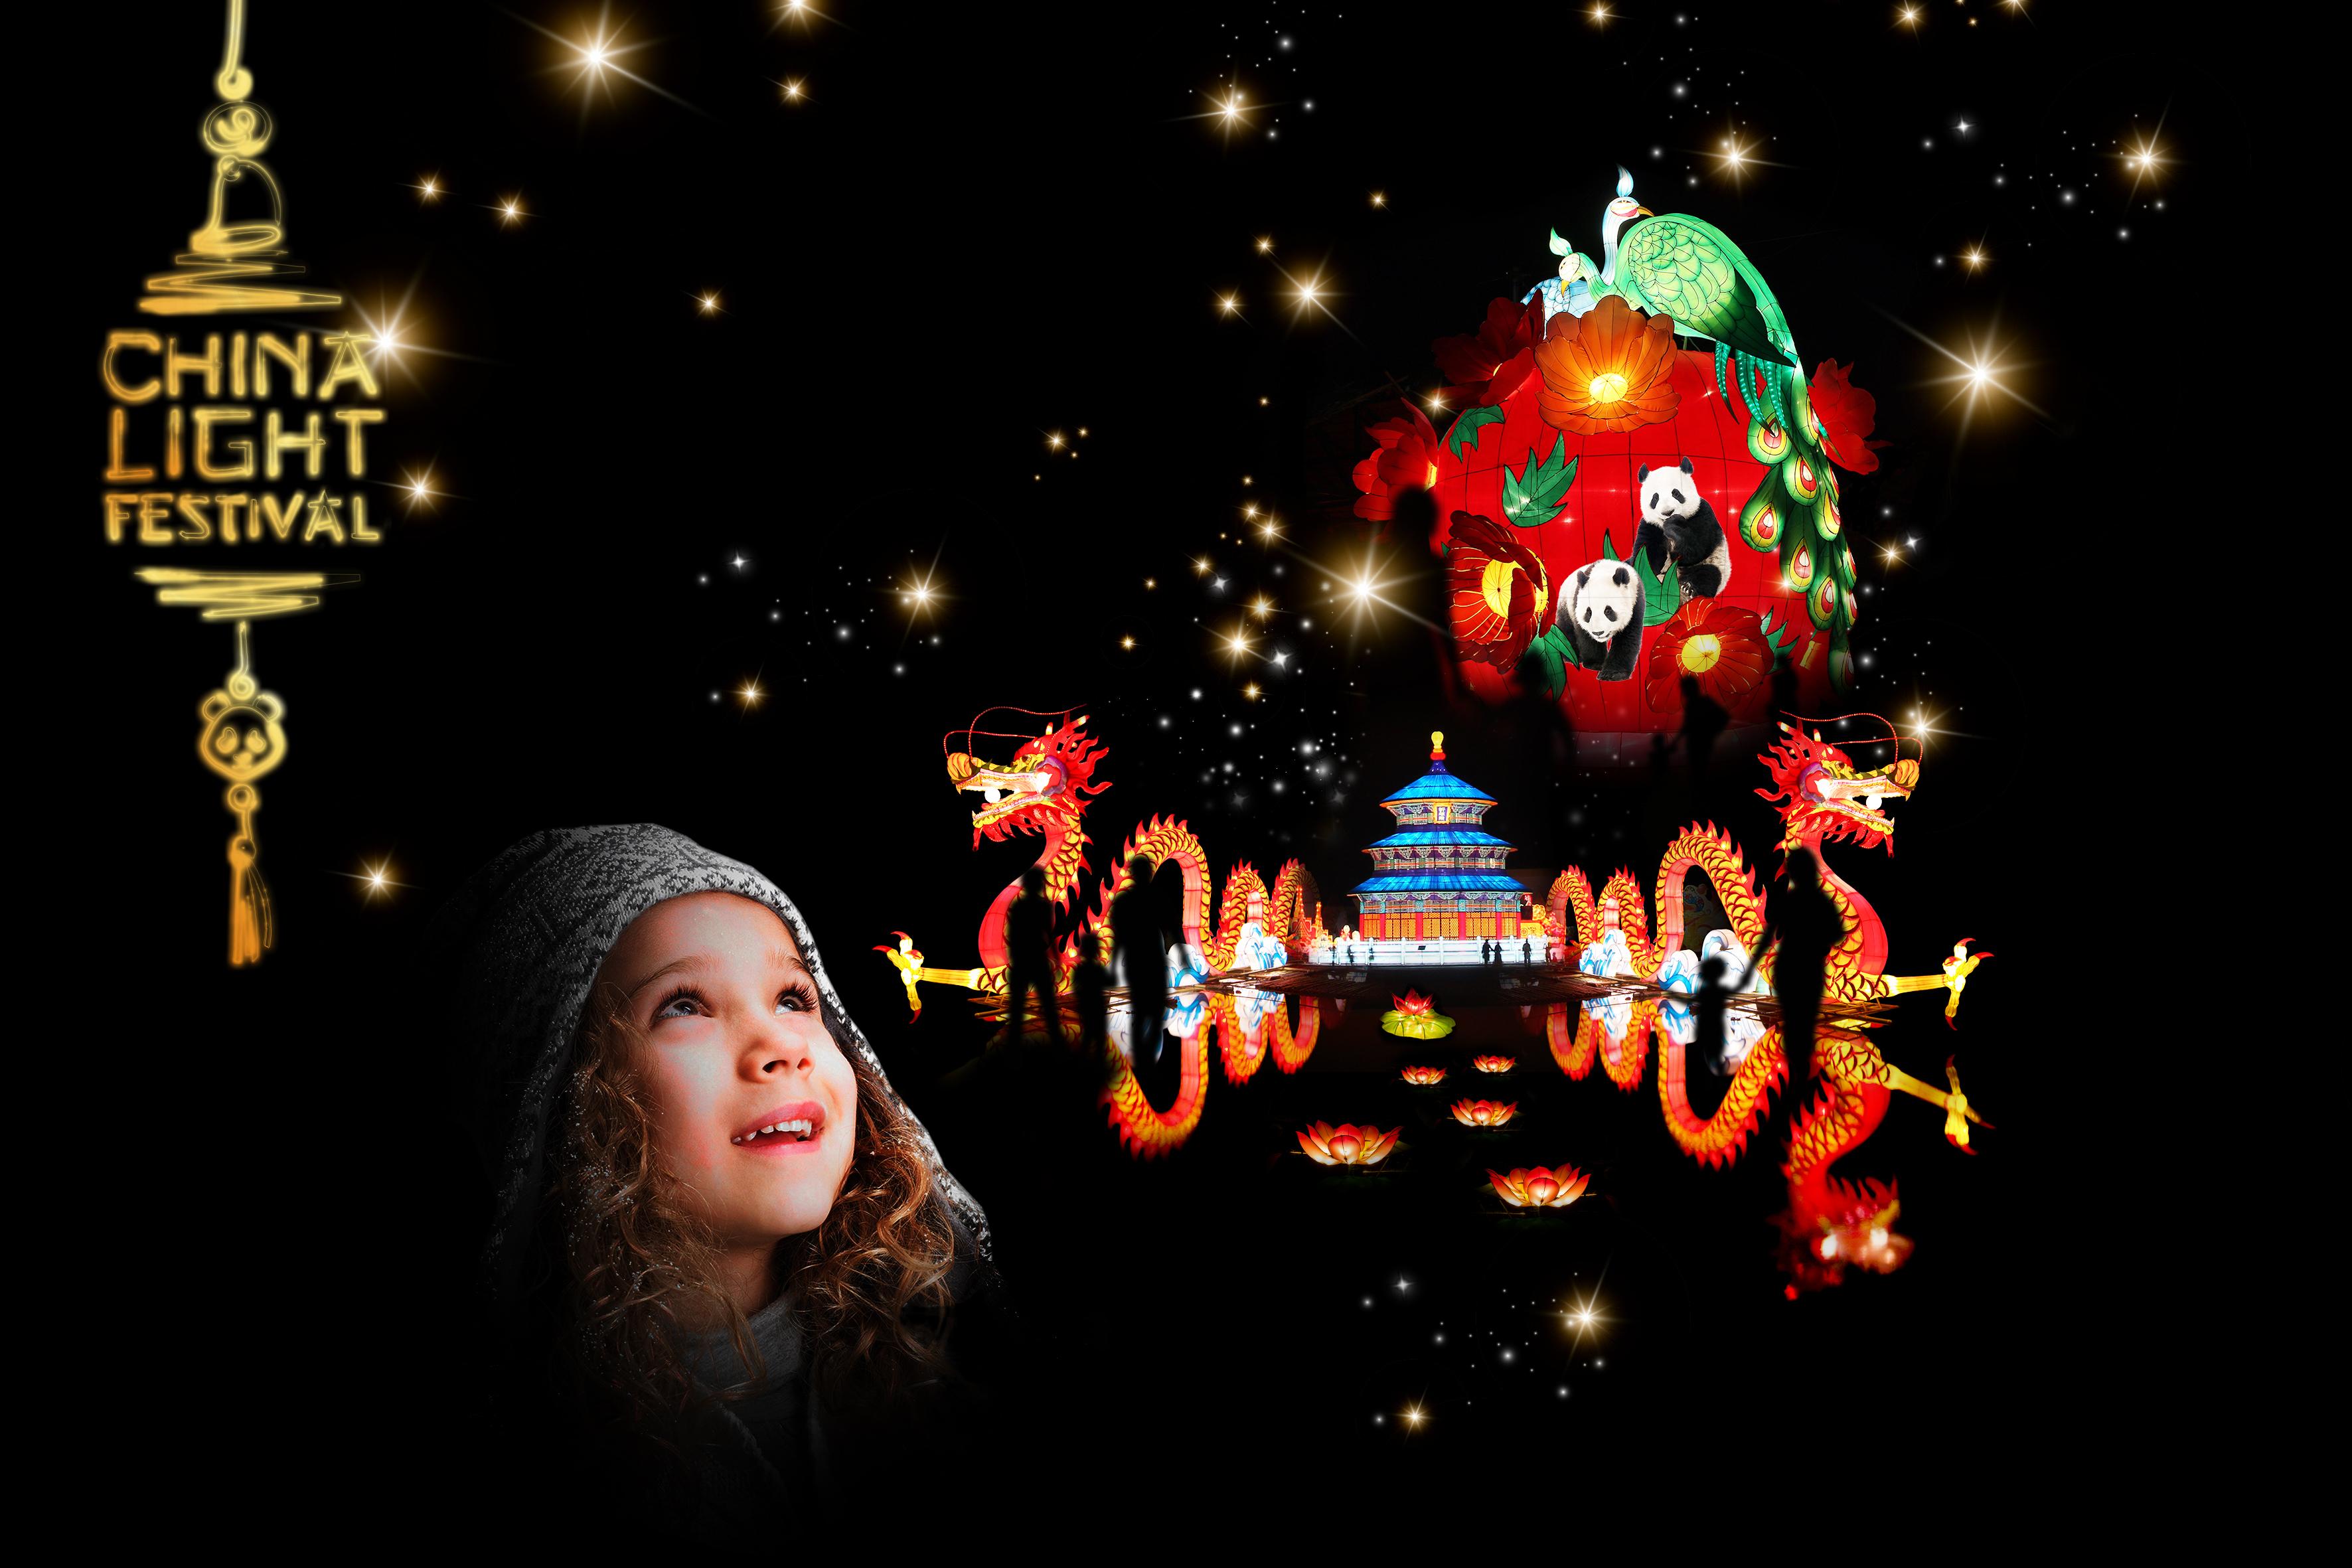 China Light Festival in Rhenen